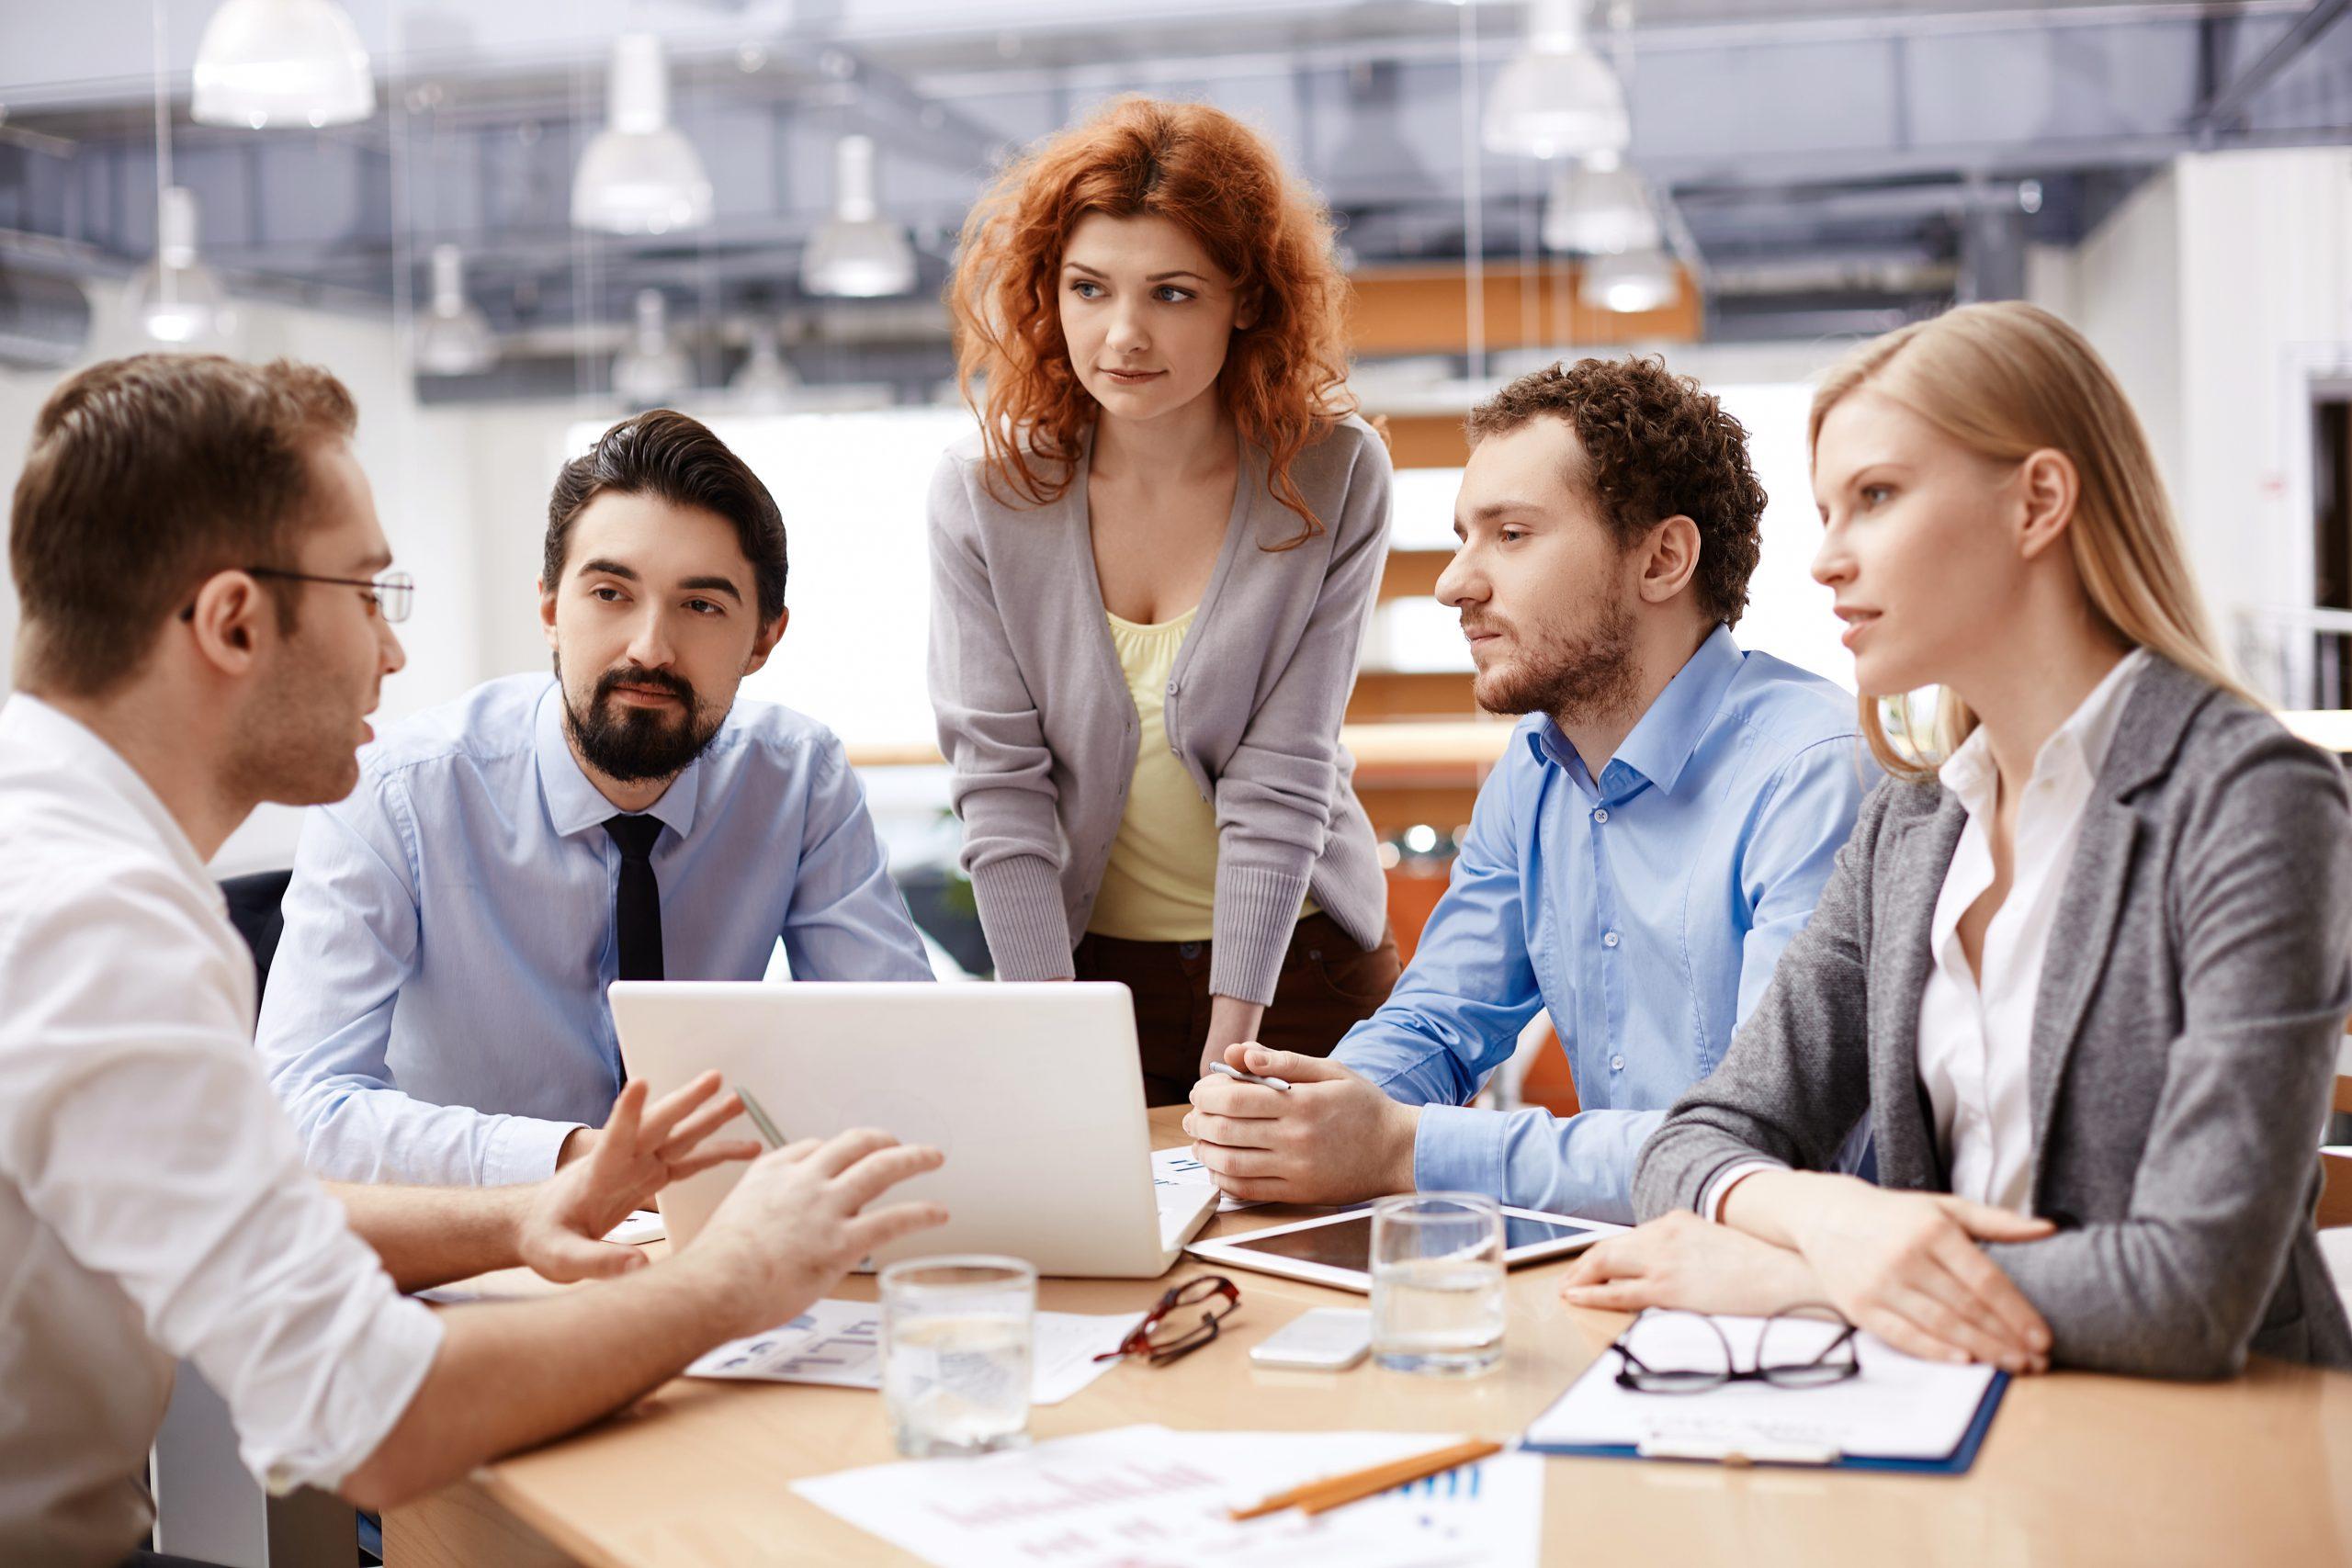 RGX - Business Meeting - Construction Market Data